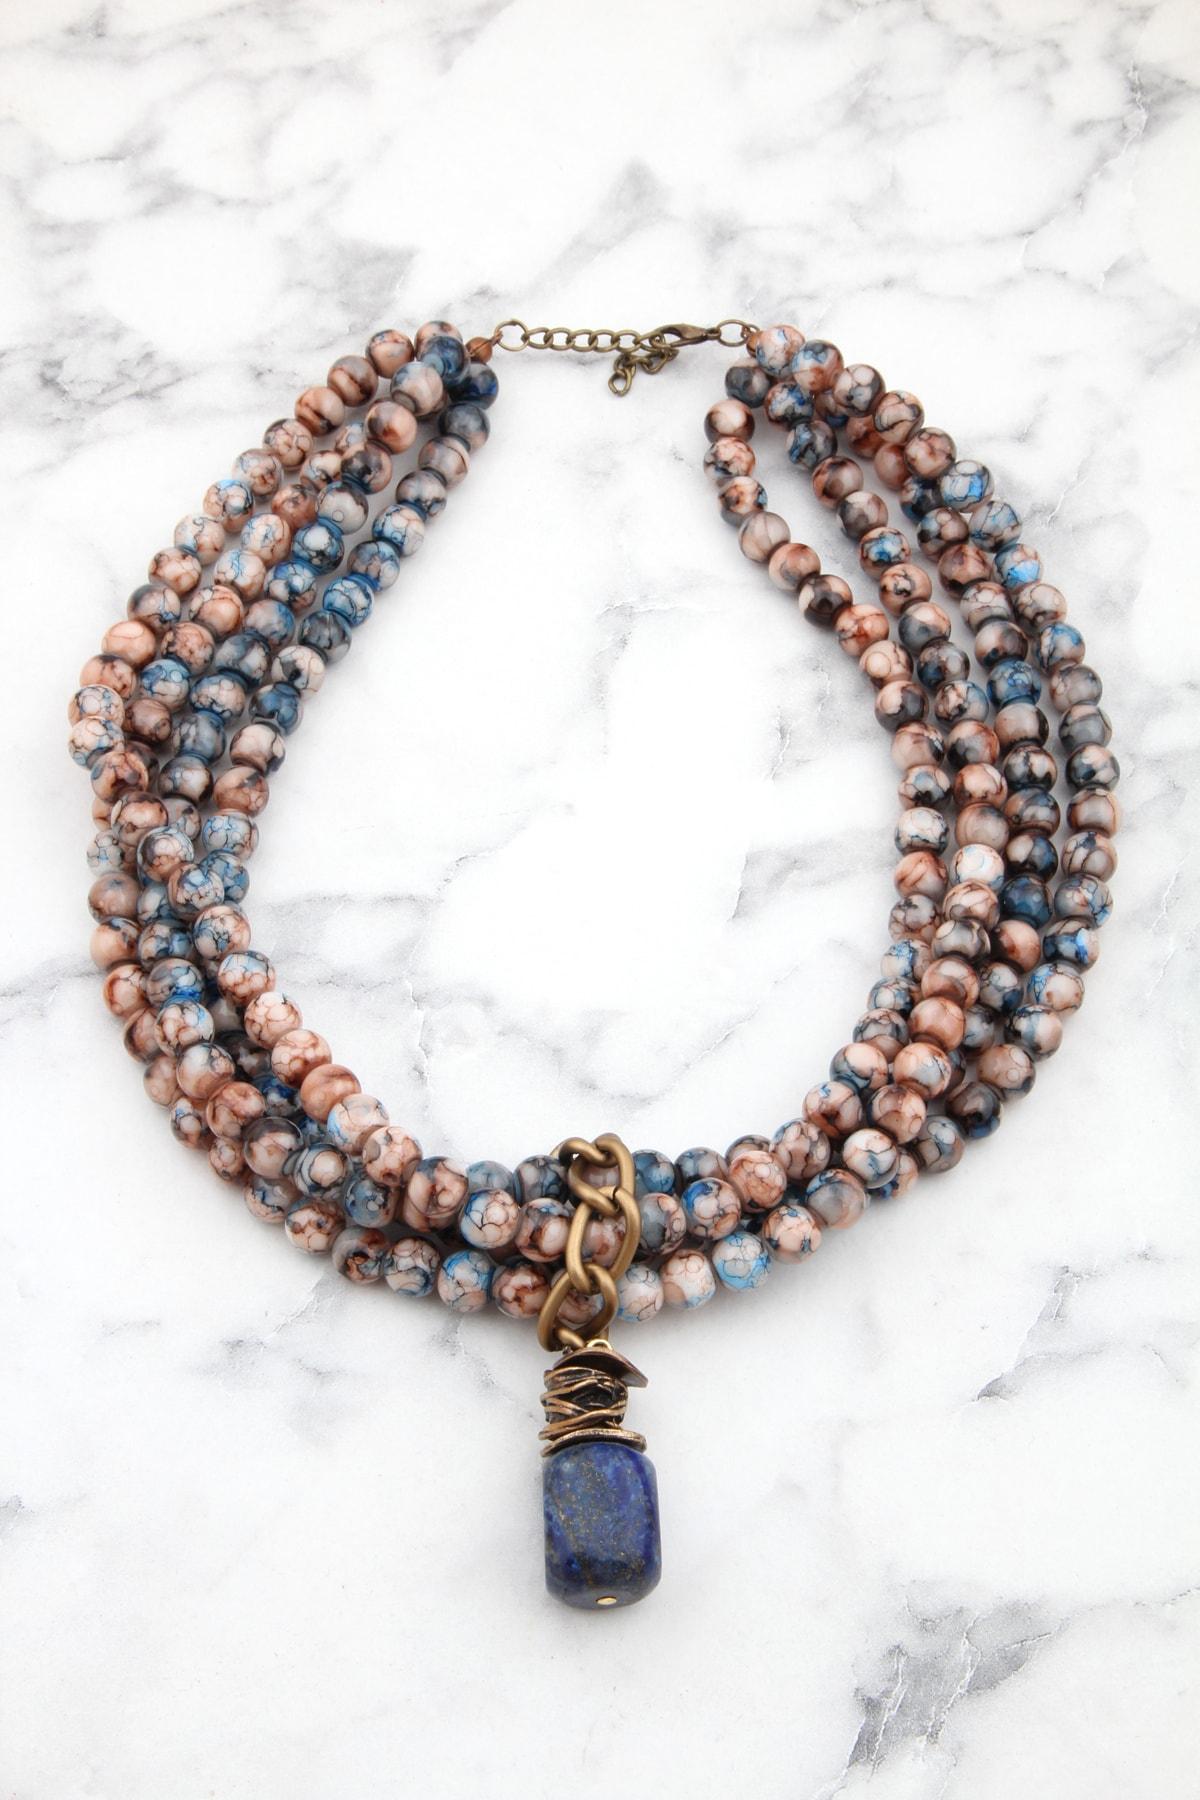 Lacivert Lapis Lazuli Doğaltaşlı Çoklu Tasarım Kolye